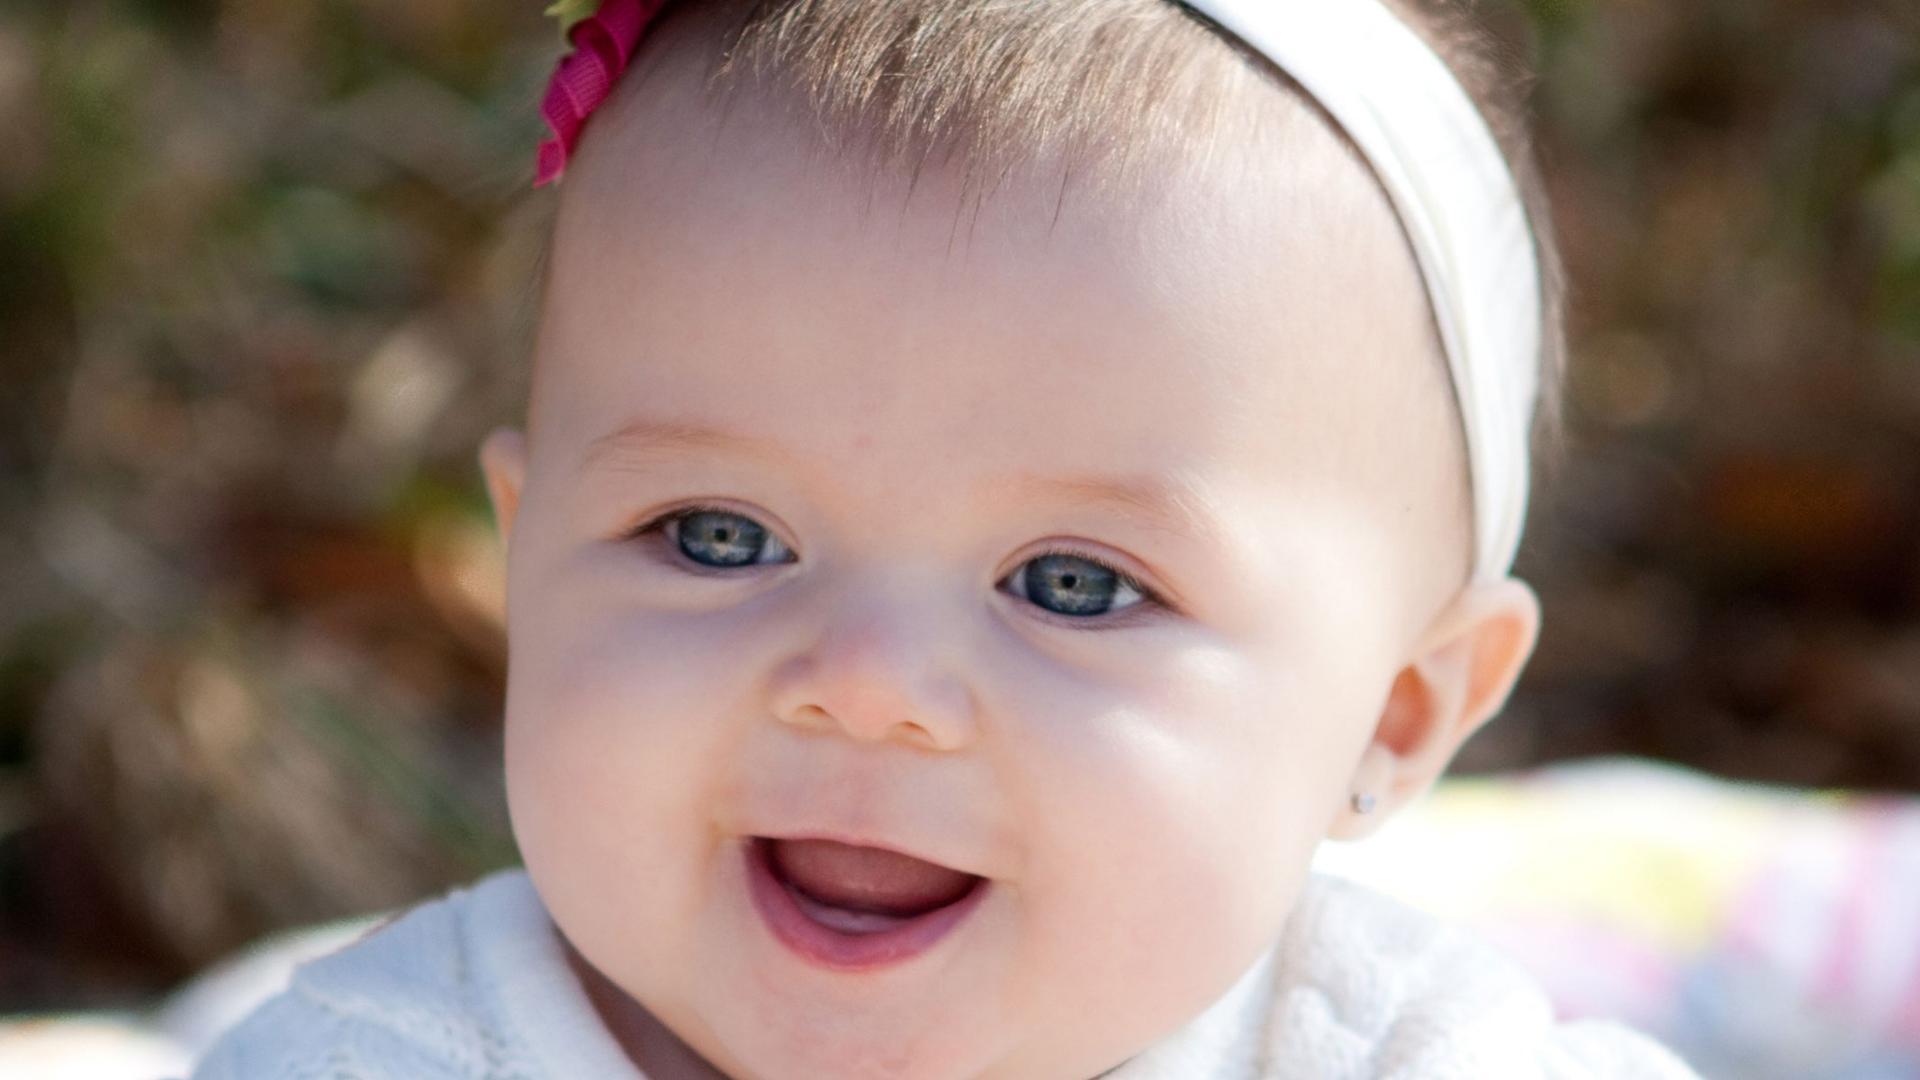 49 Cute Baby Girl Wallpaper On Wallpapersafari